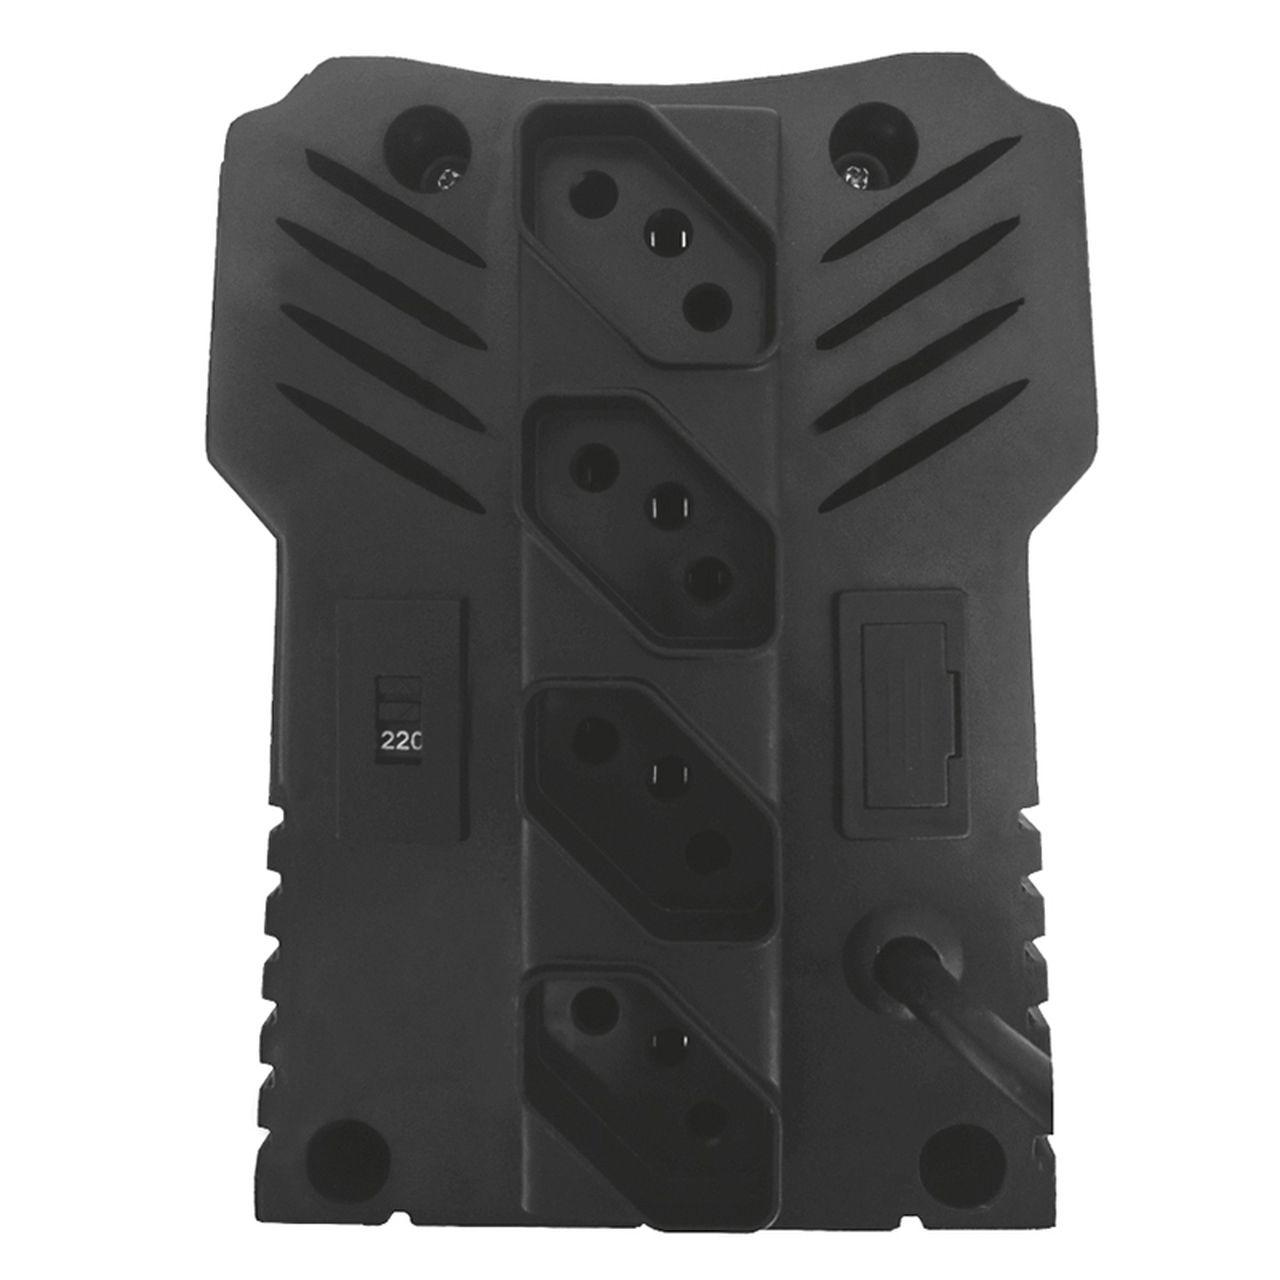 Estabilizador bivolt protetor eletrônico 4 tomadas 750VA 525 - Bright